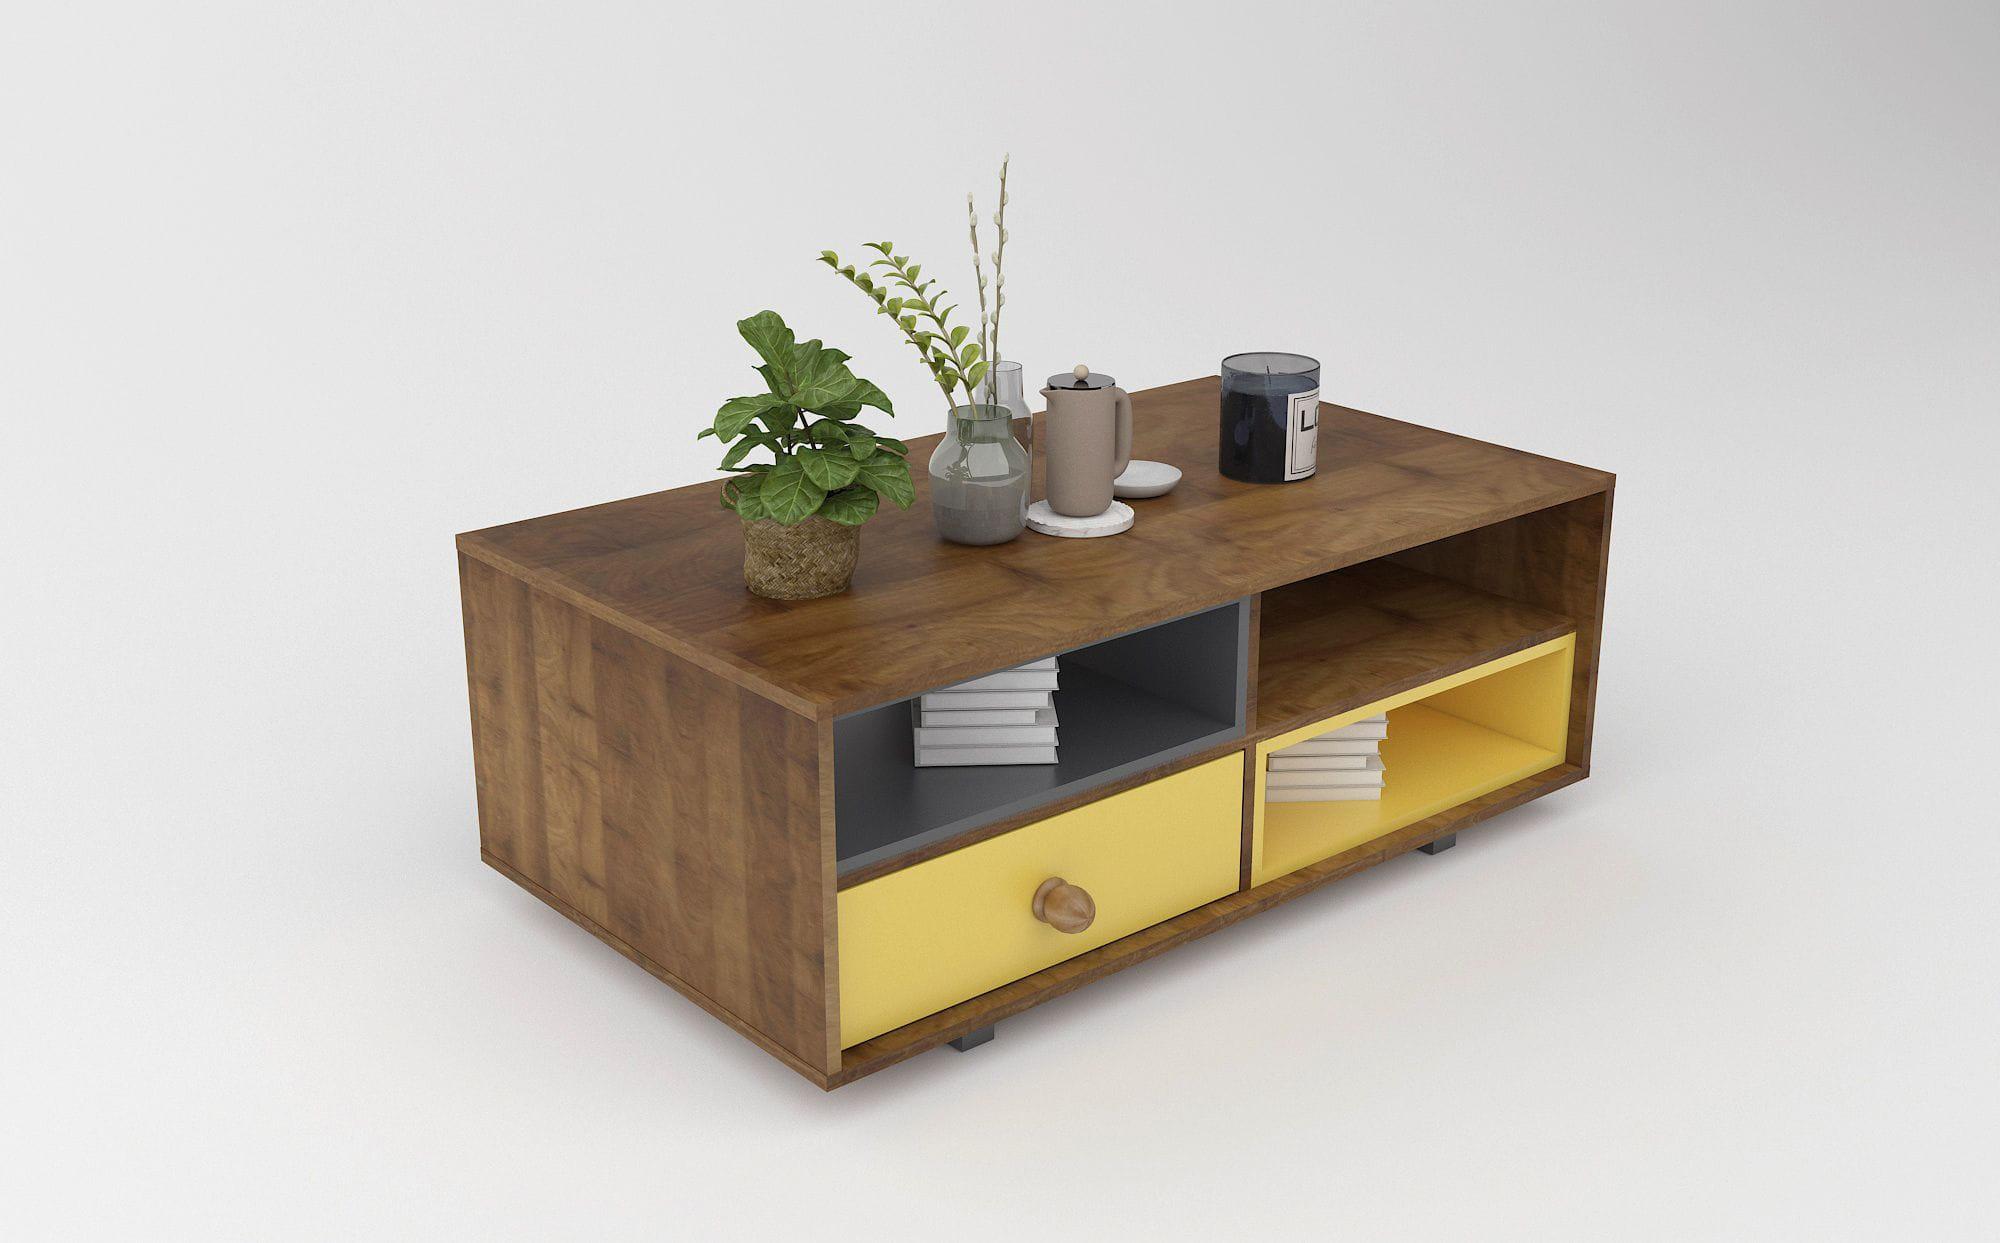 bàn trà gỗ btg-30 kho nội thất sài gòn